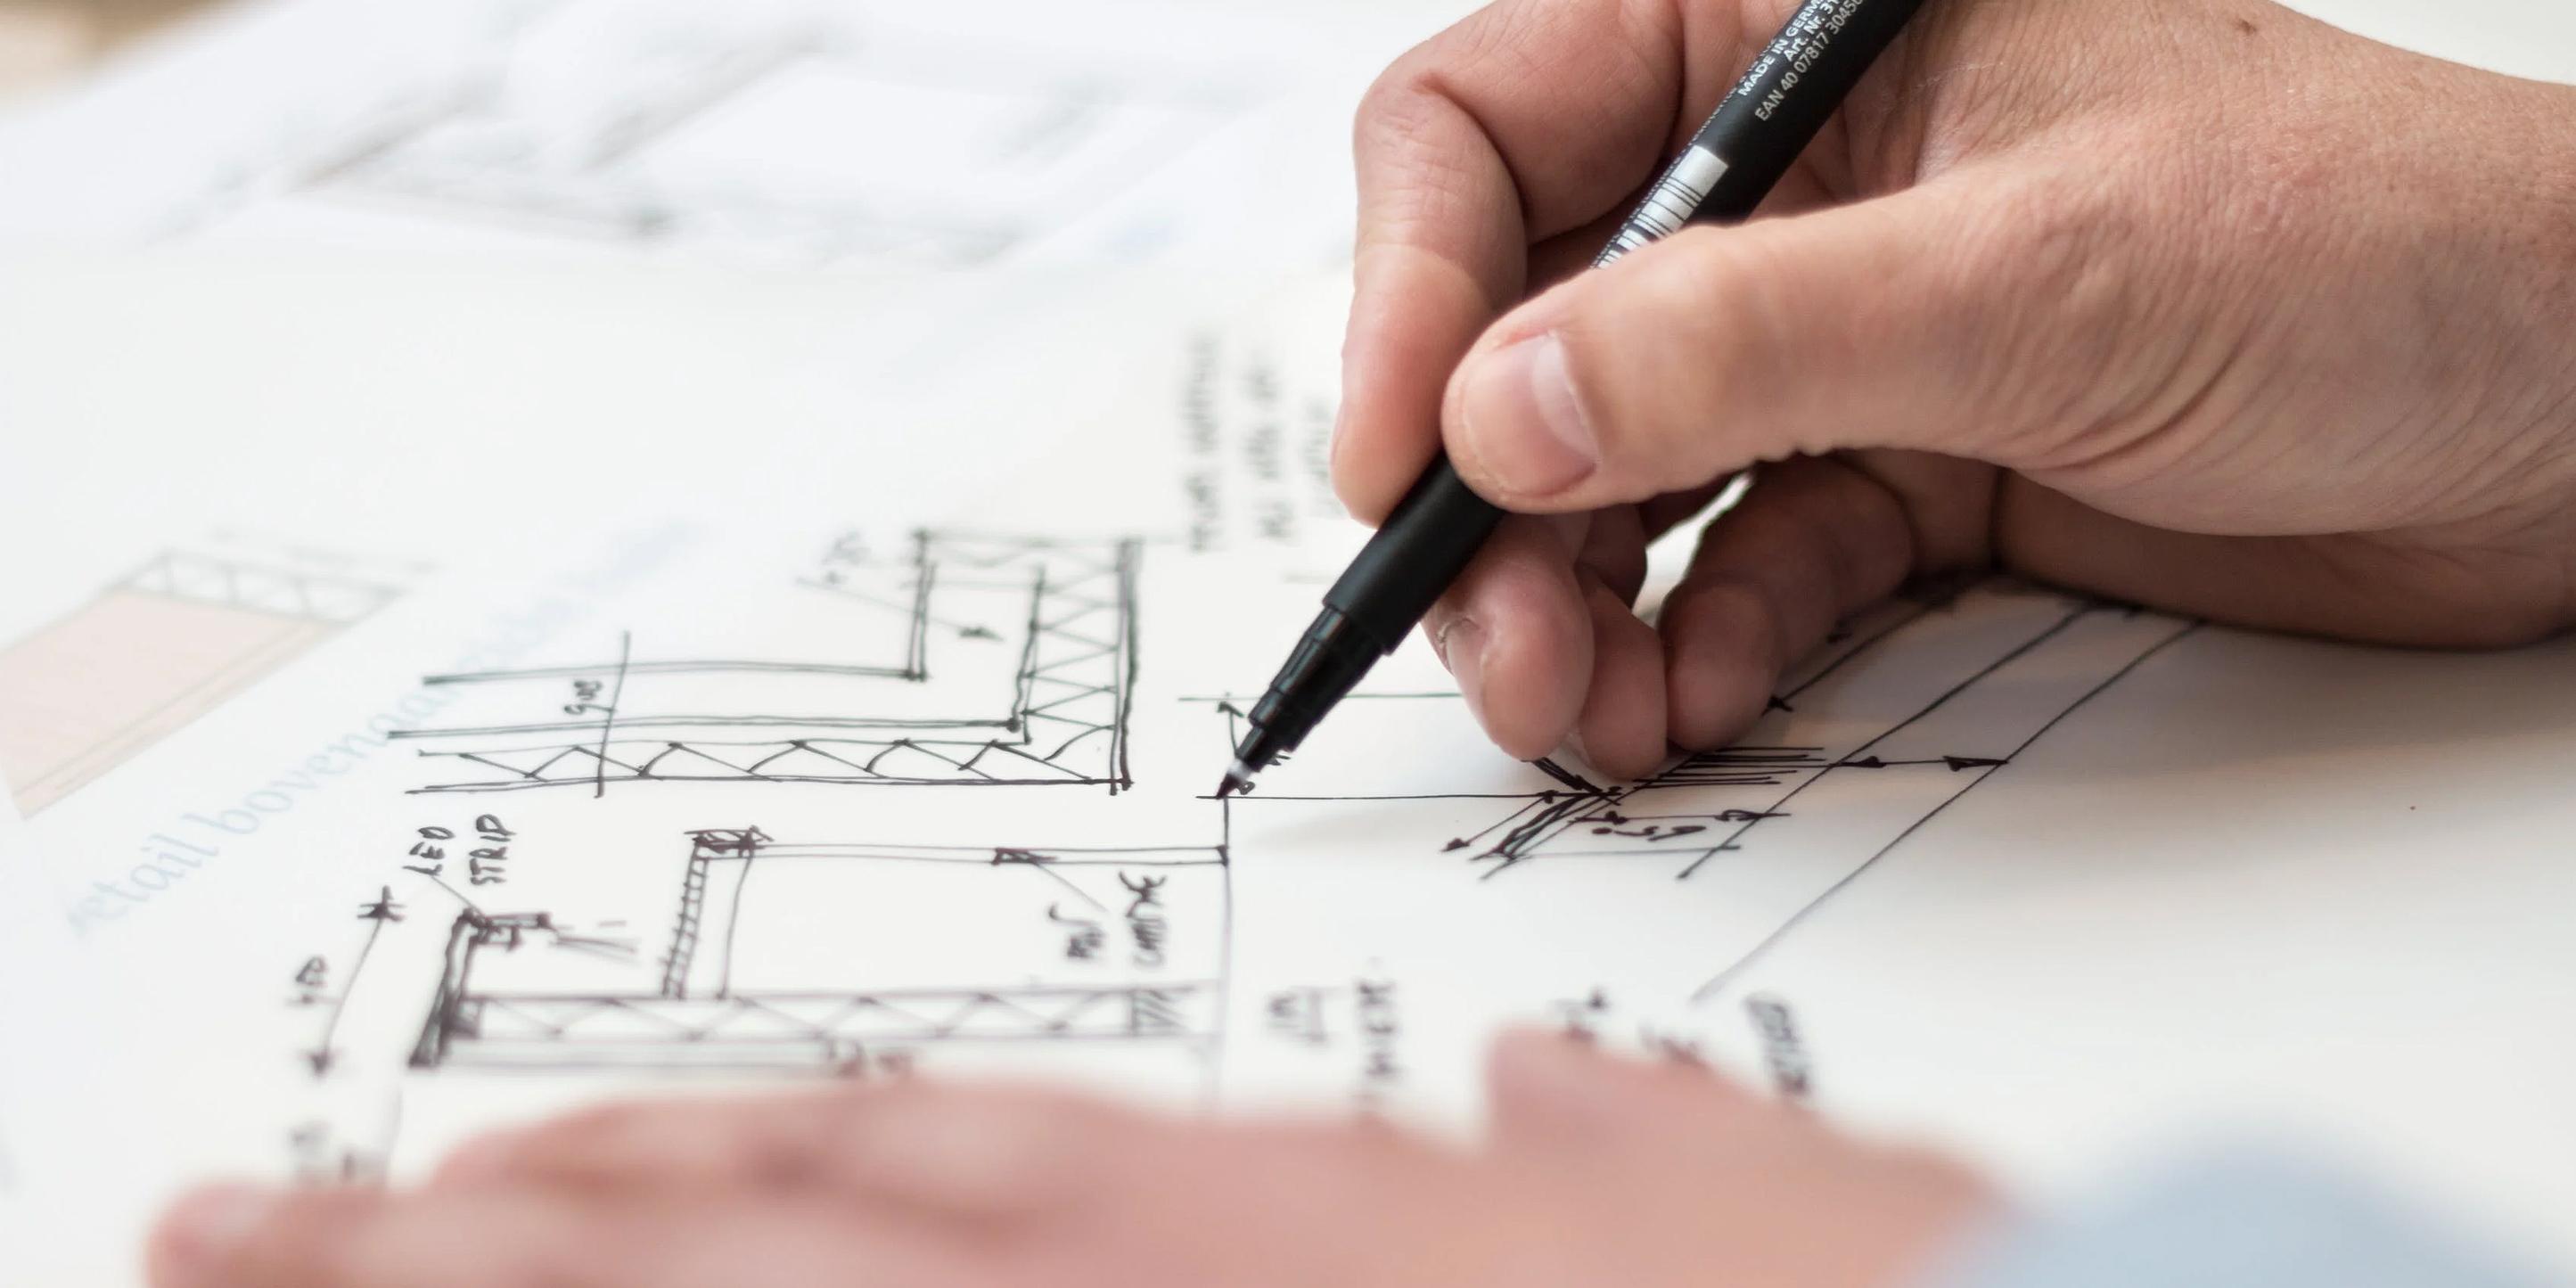 Die Hand eines Mannes zeichnet einen Plan mit schwarzem Fineliner.